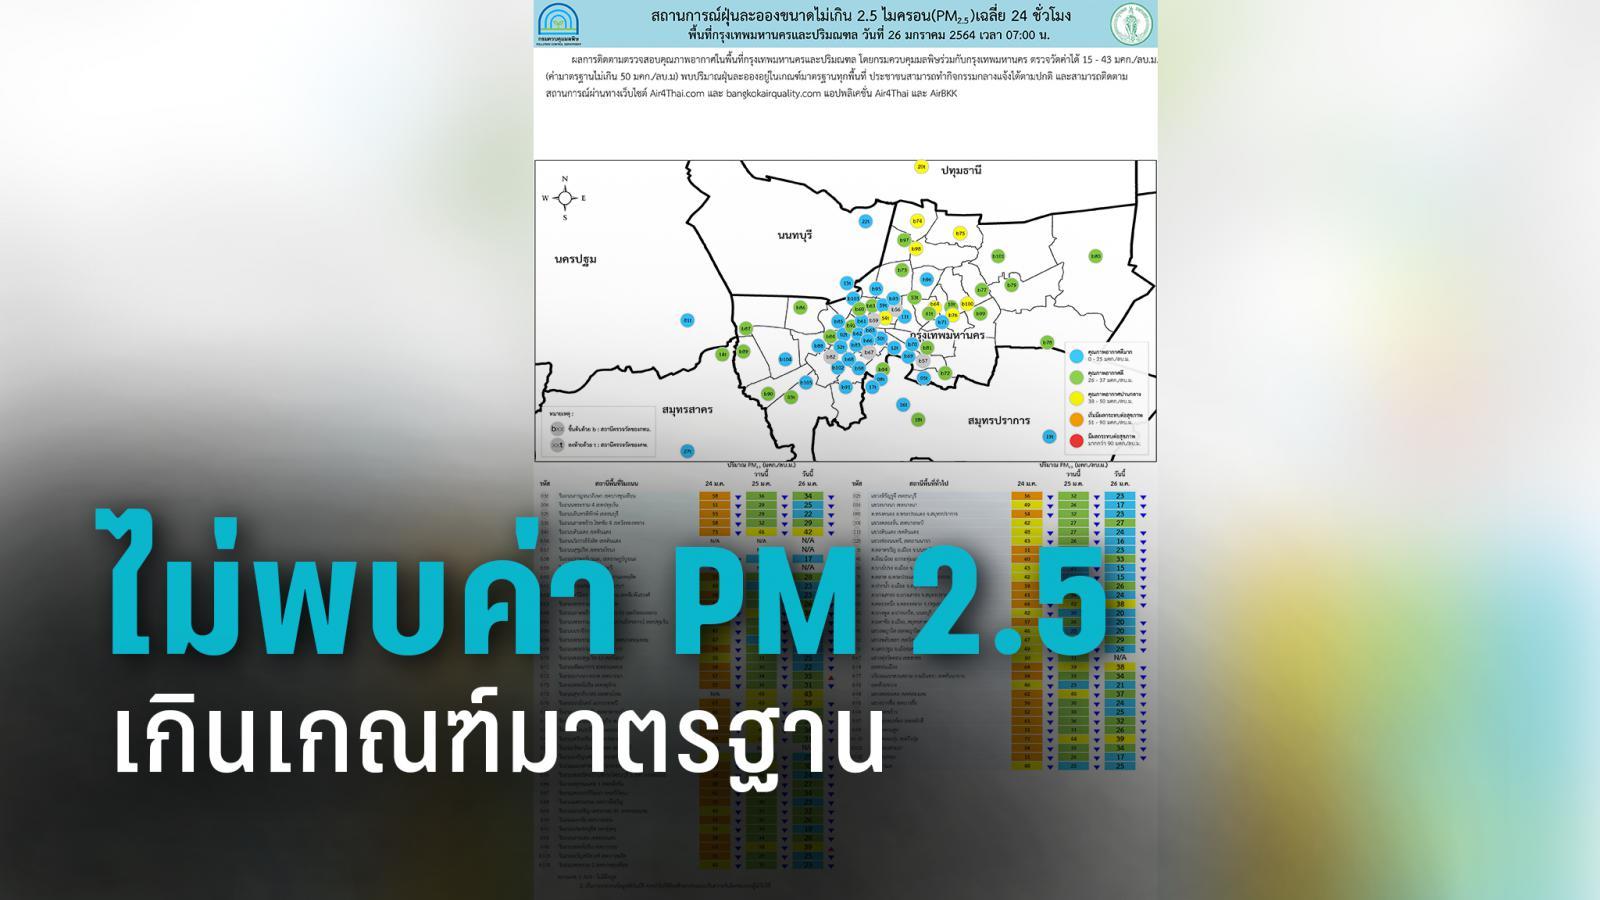 อากาศดี ไม่พบค่า PM 2.5 เกินเกณฑ์มาตรฐาน